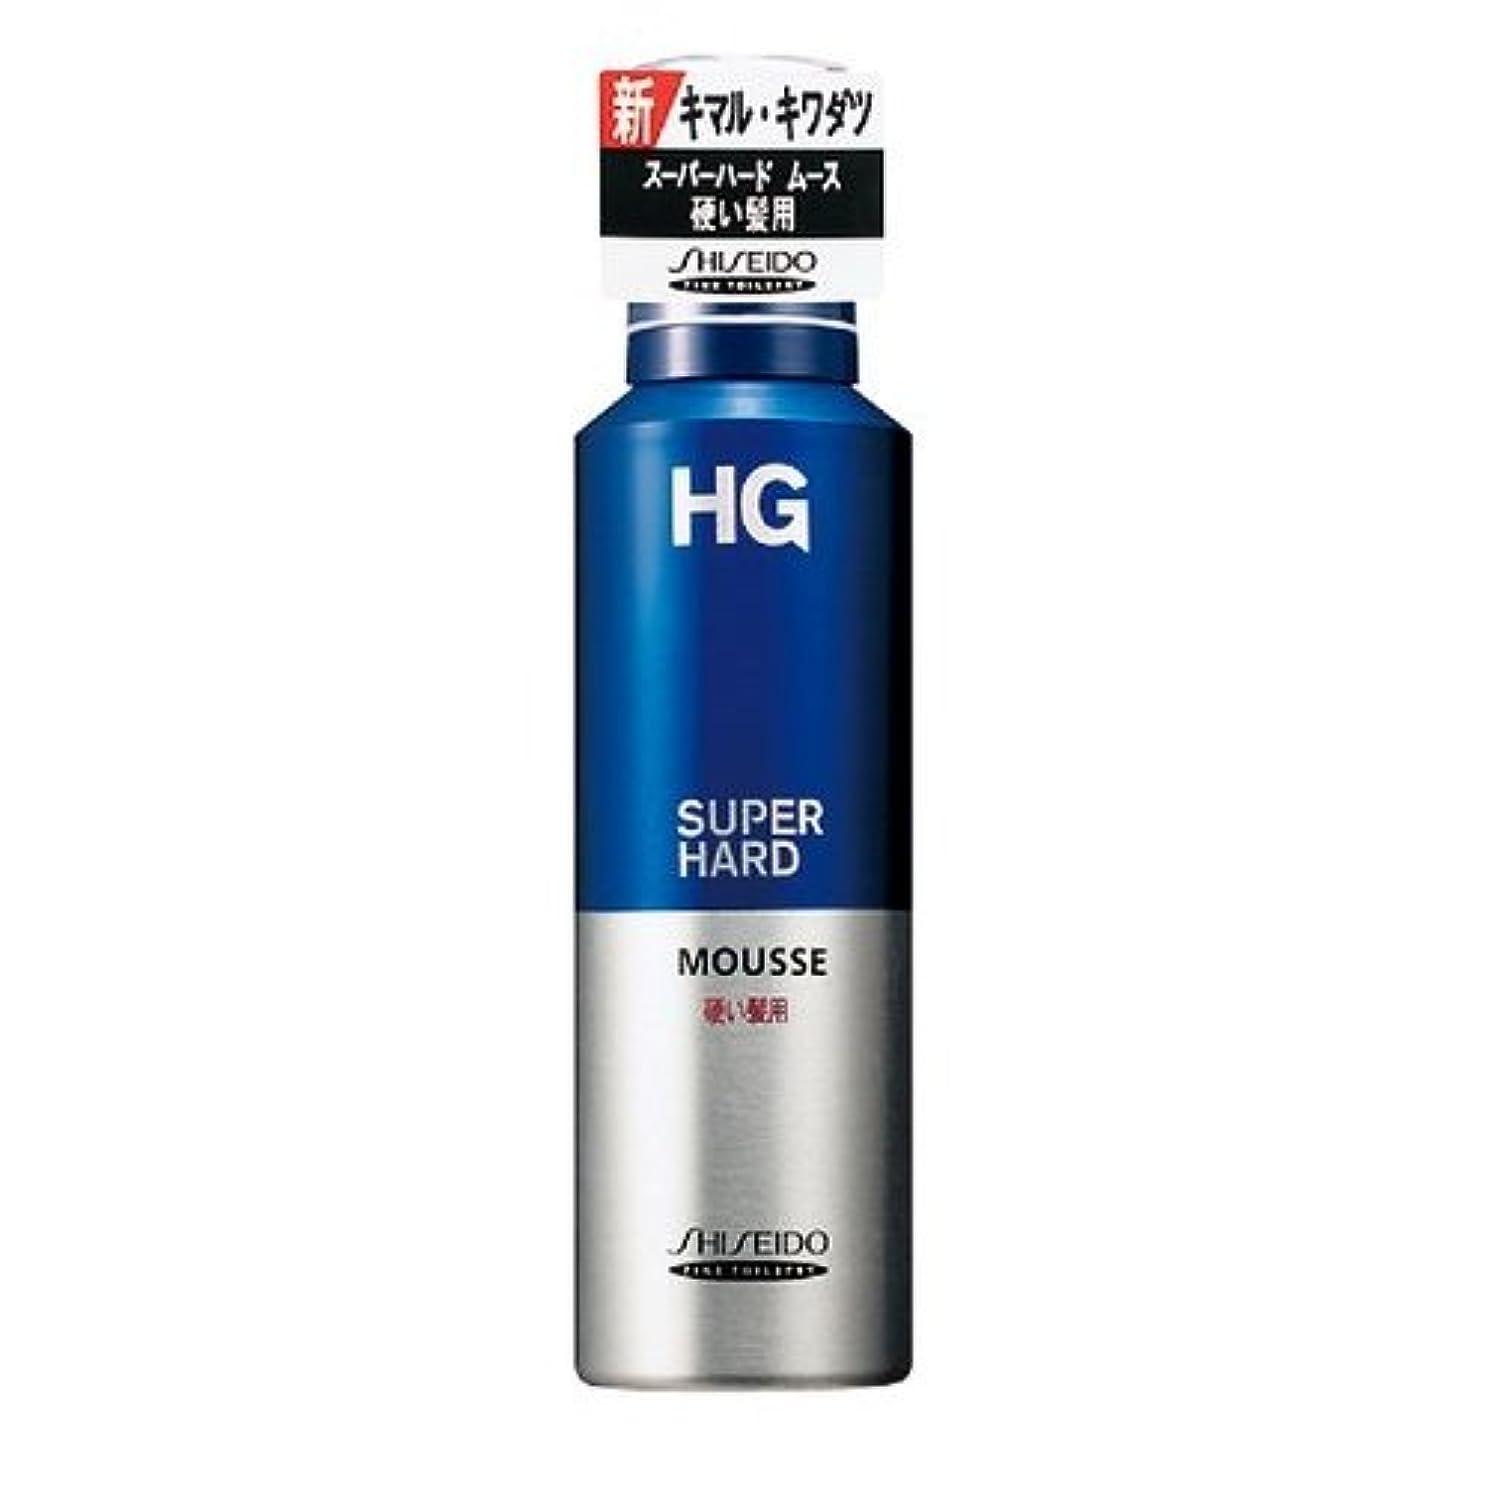 クッション洗練された必要ないHG スーパーハードムース 硬い髪用a 180g